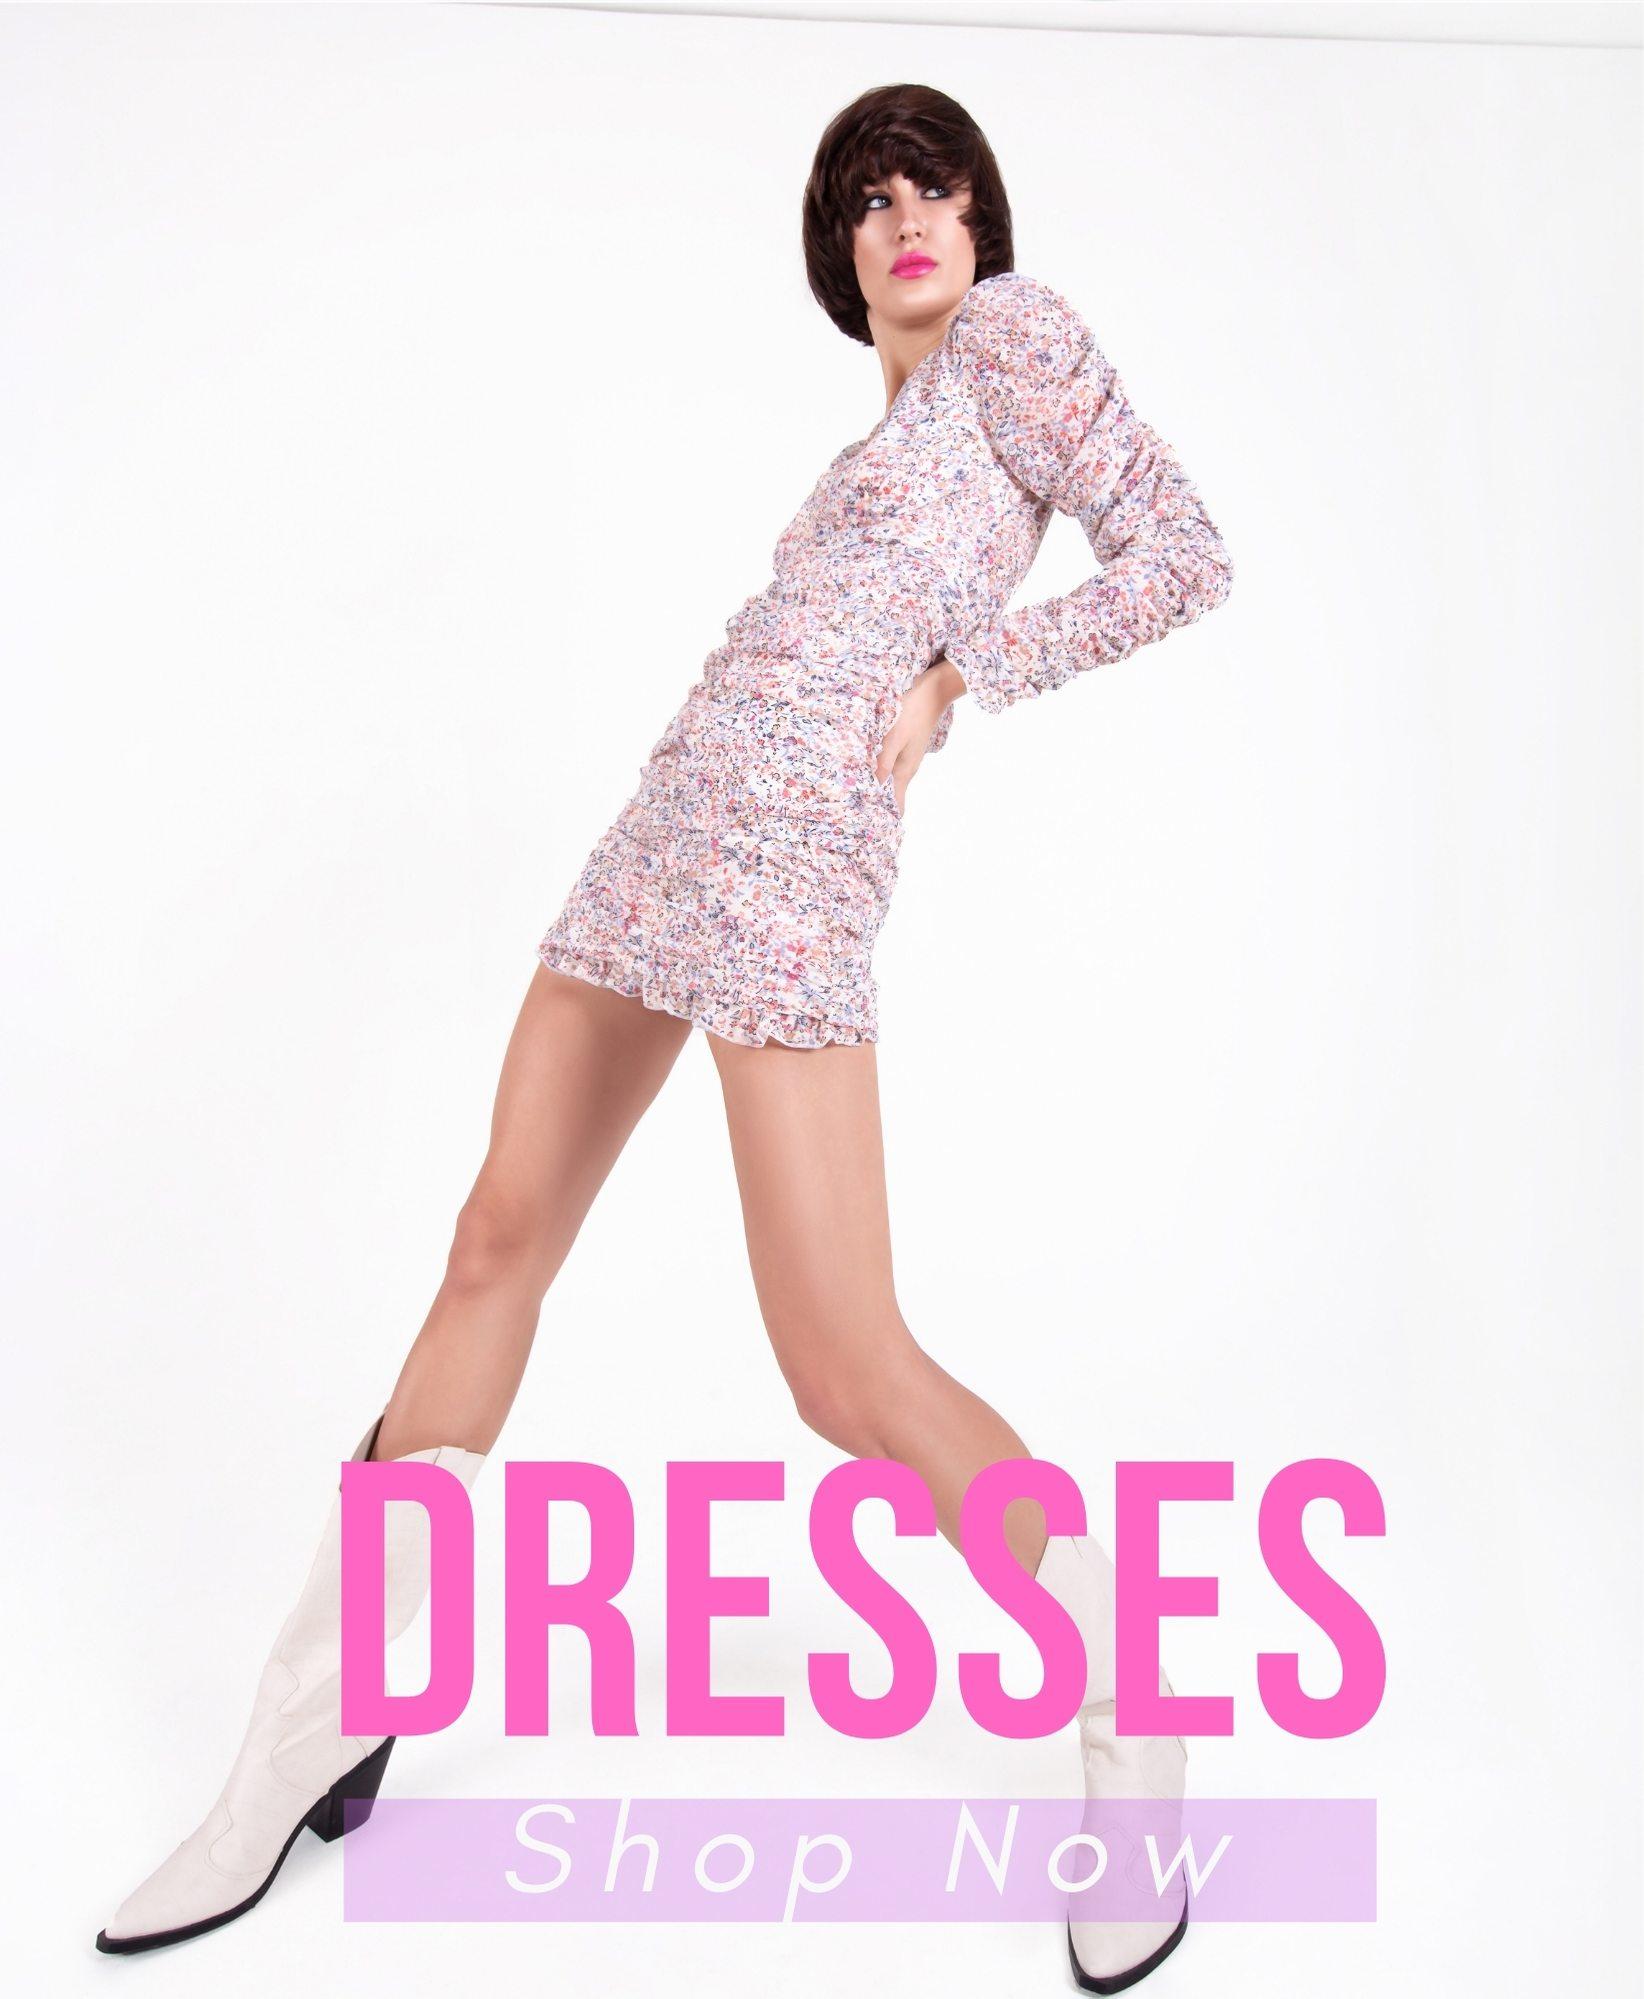 Dresses_Futur3 Fashion_Fashionable woman clothing